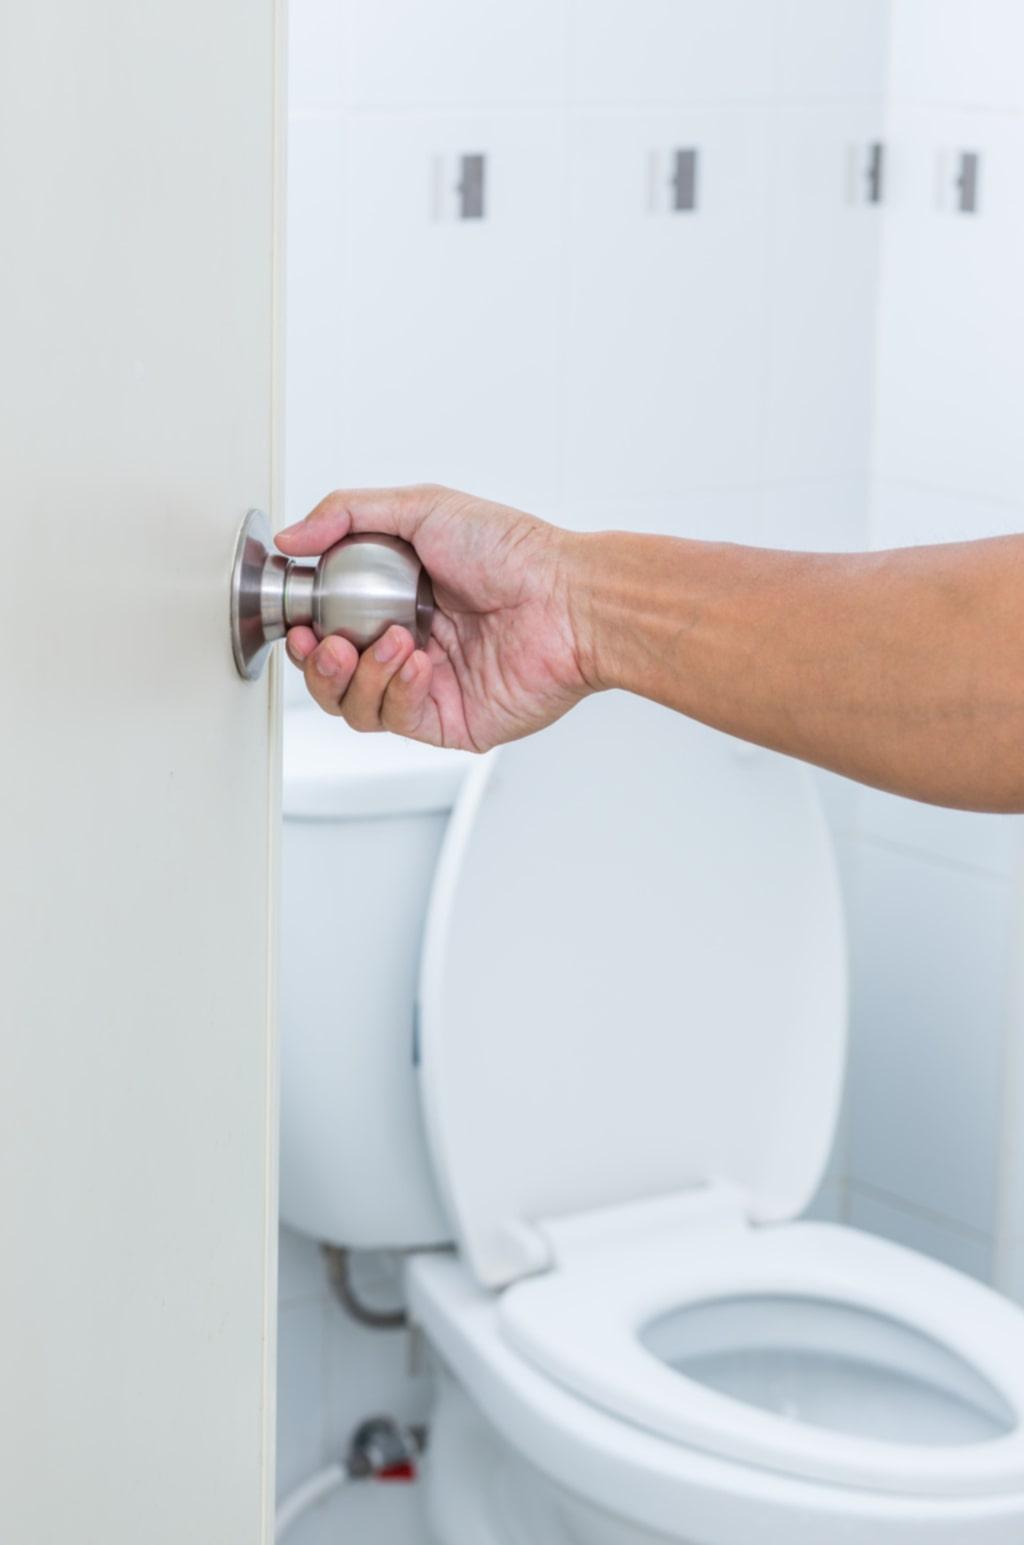 Och dörrhandtaget till toaletten. Eftersom många ofta låter dörrar vara öppna är just handtagen oväntat rena.